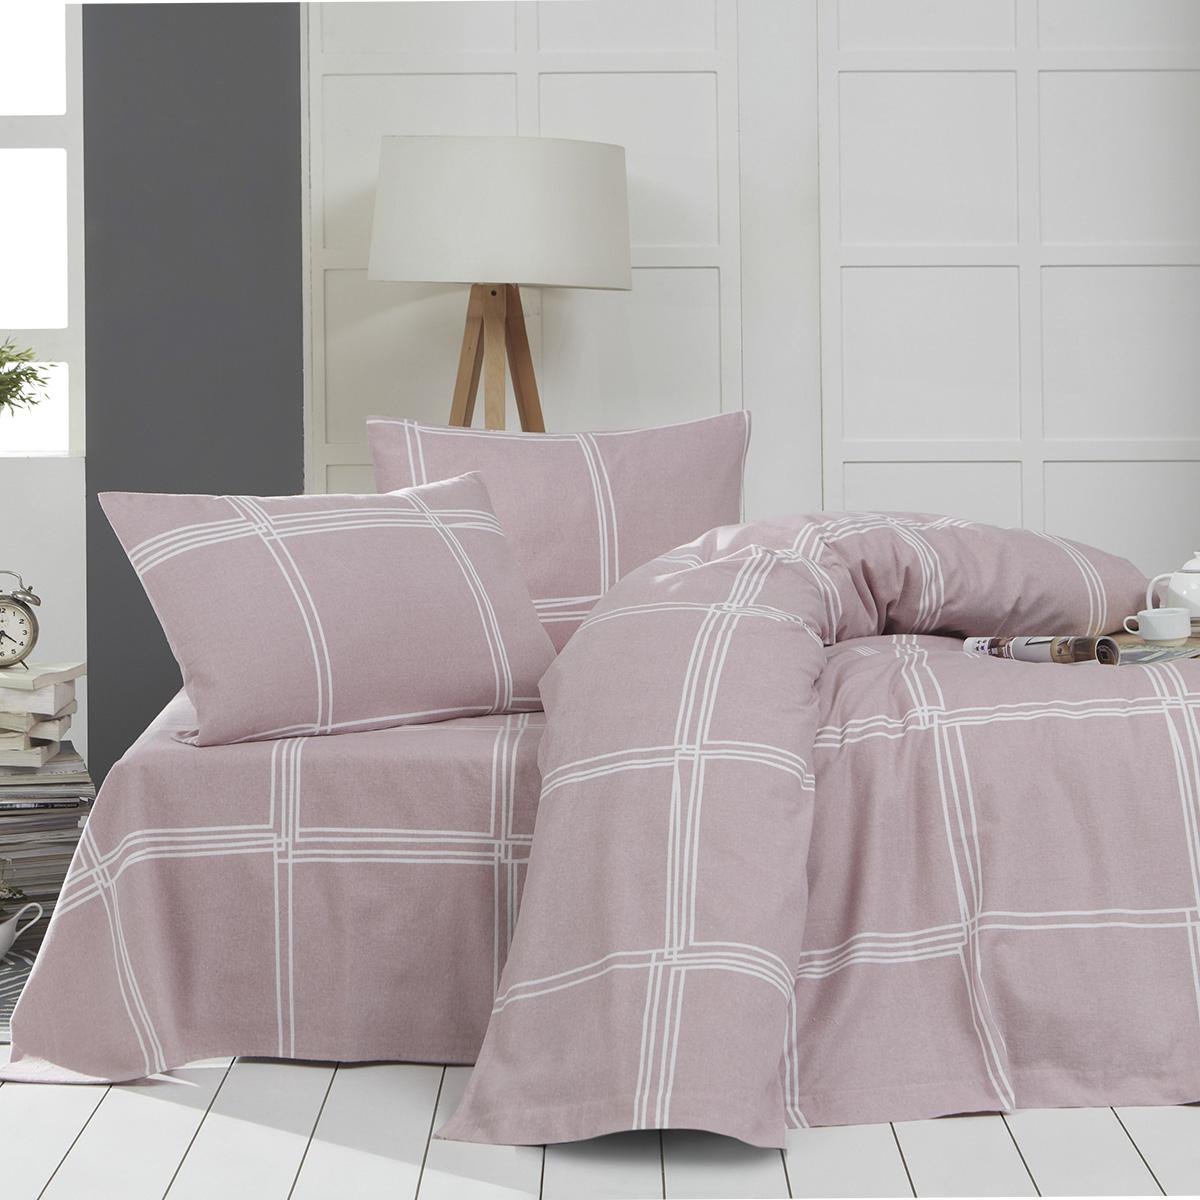 Φανελένια Σεντόνια Υπέρδιπλα (Σετ) Rythmos Joplin Pink ΜΕ ΛΑΣΤΙΧΟ 160×205+25 ΜΕ ΛΑΣΤΙΧΟ 160×205+25